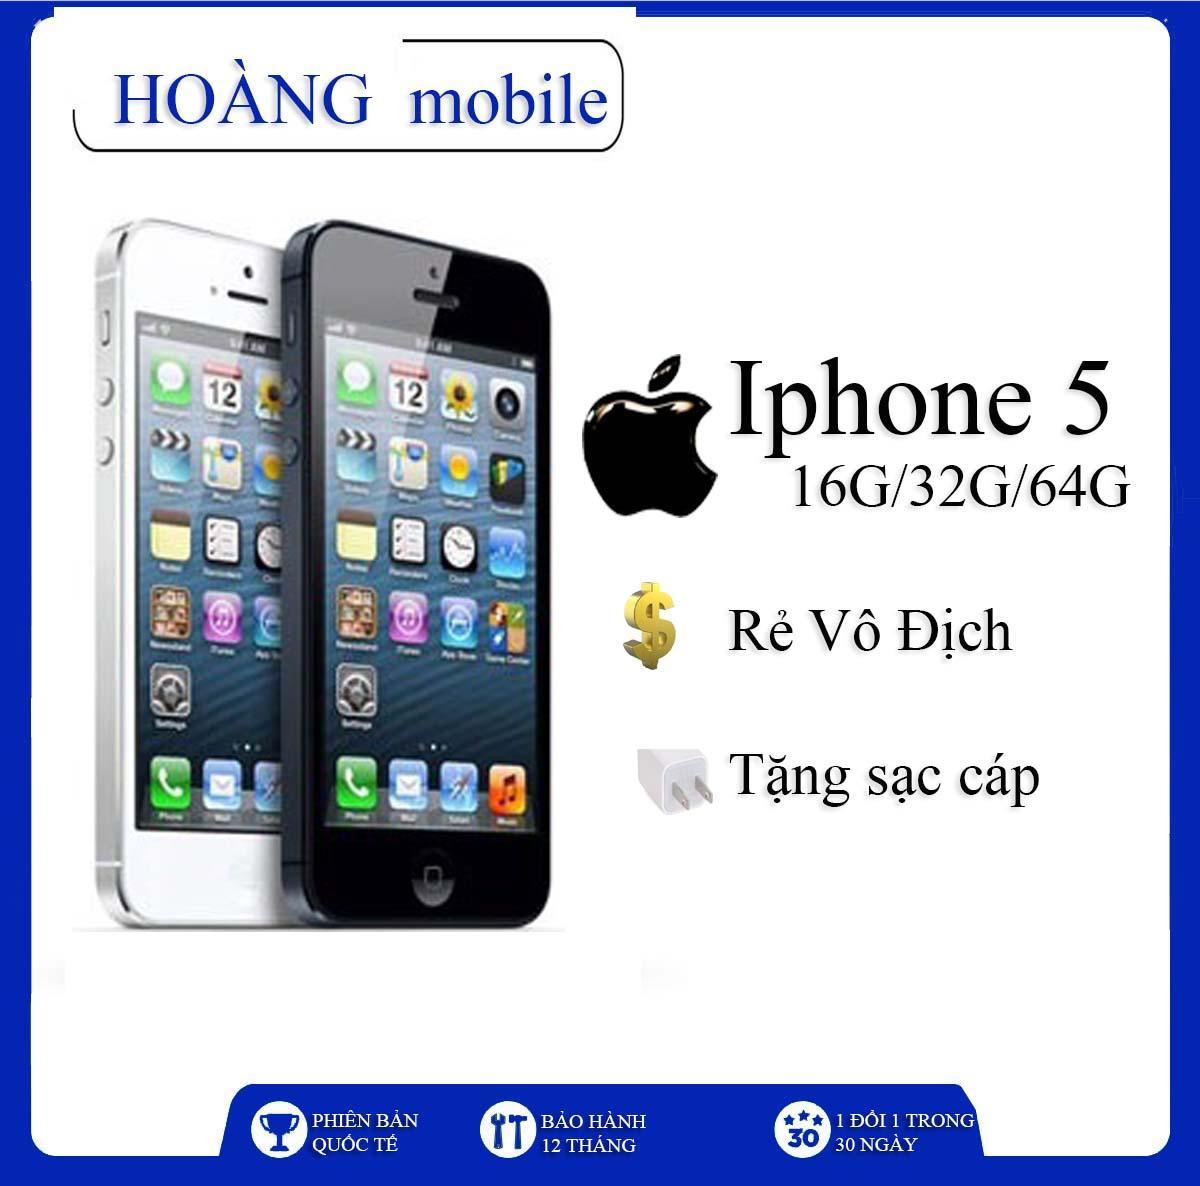 Điện thoại iPHONE 5 -16G/32G/64G RẺ VÔ ĐỊCH. Bản quốc tế, bảo hành 6 tháng.